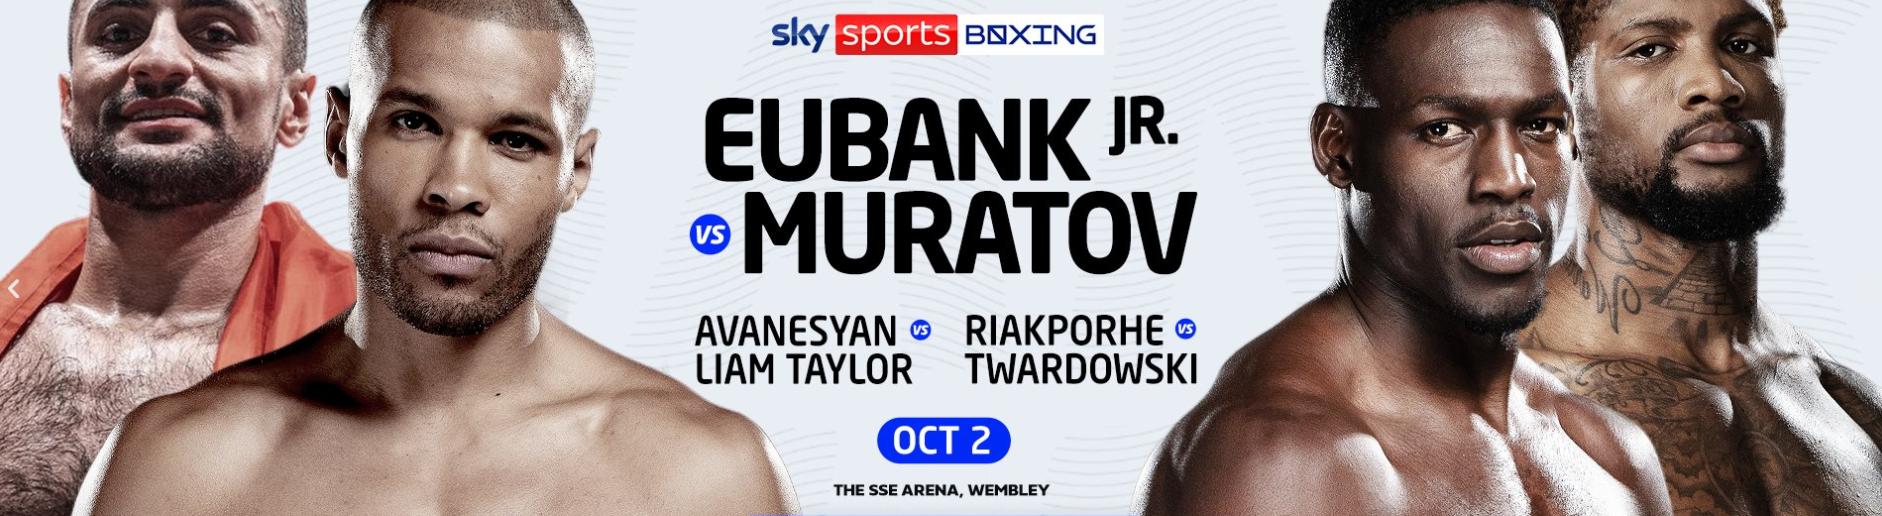 Eubank Muratov